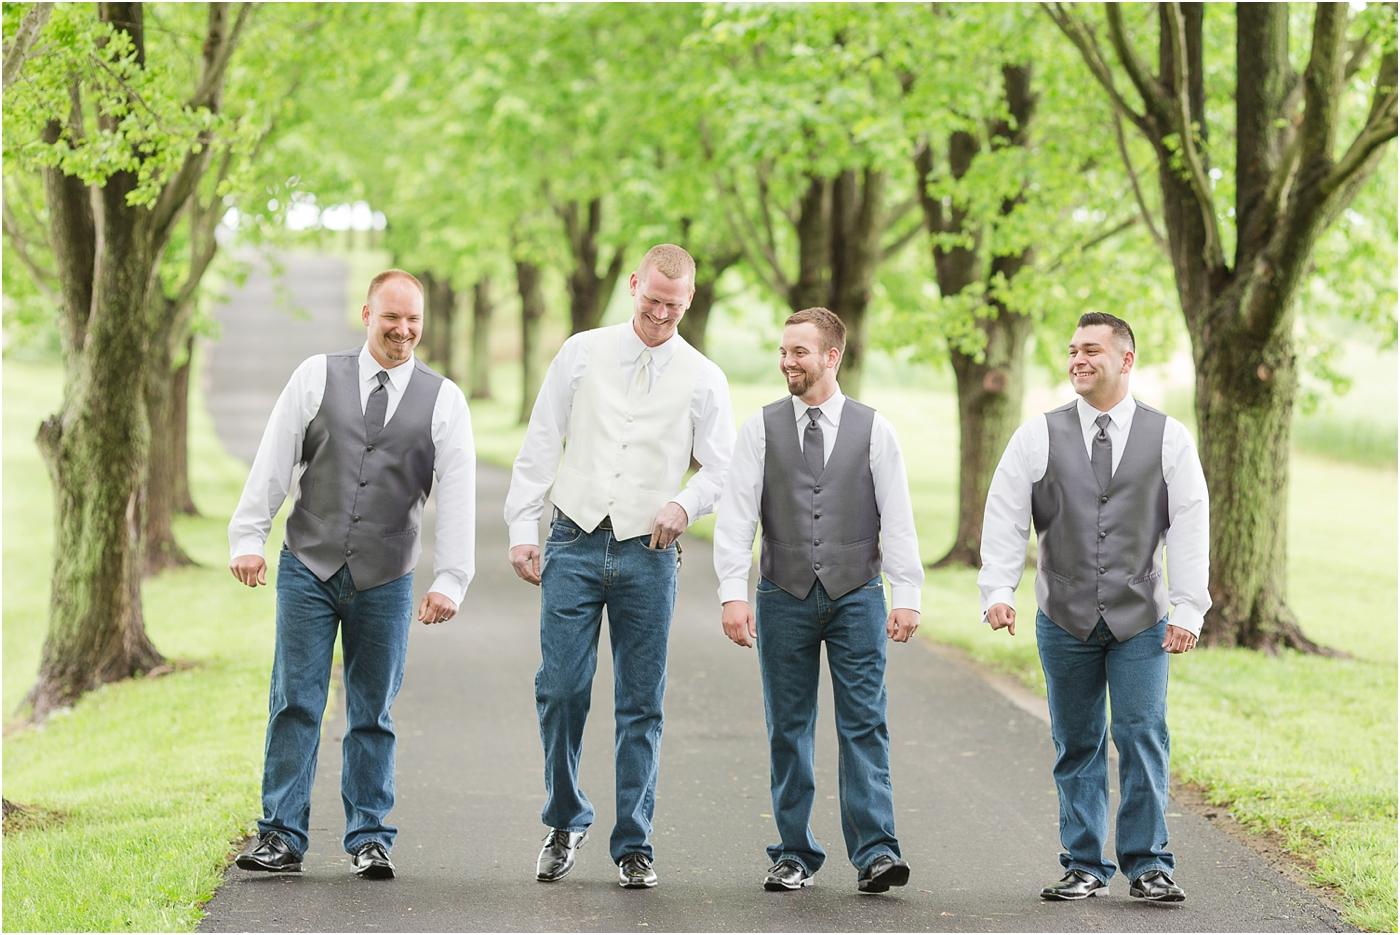 Royer-House-Wedding-Photos-20.jpg